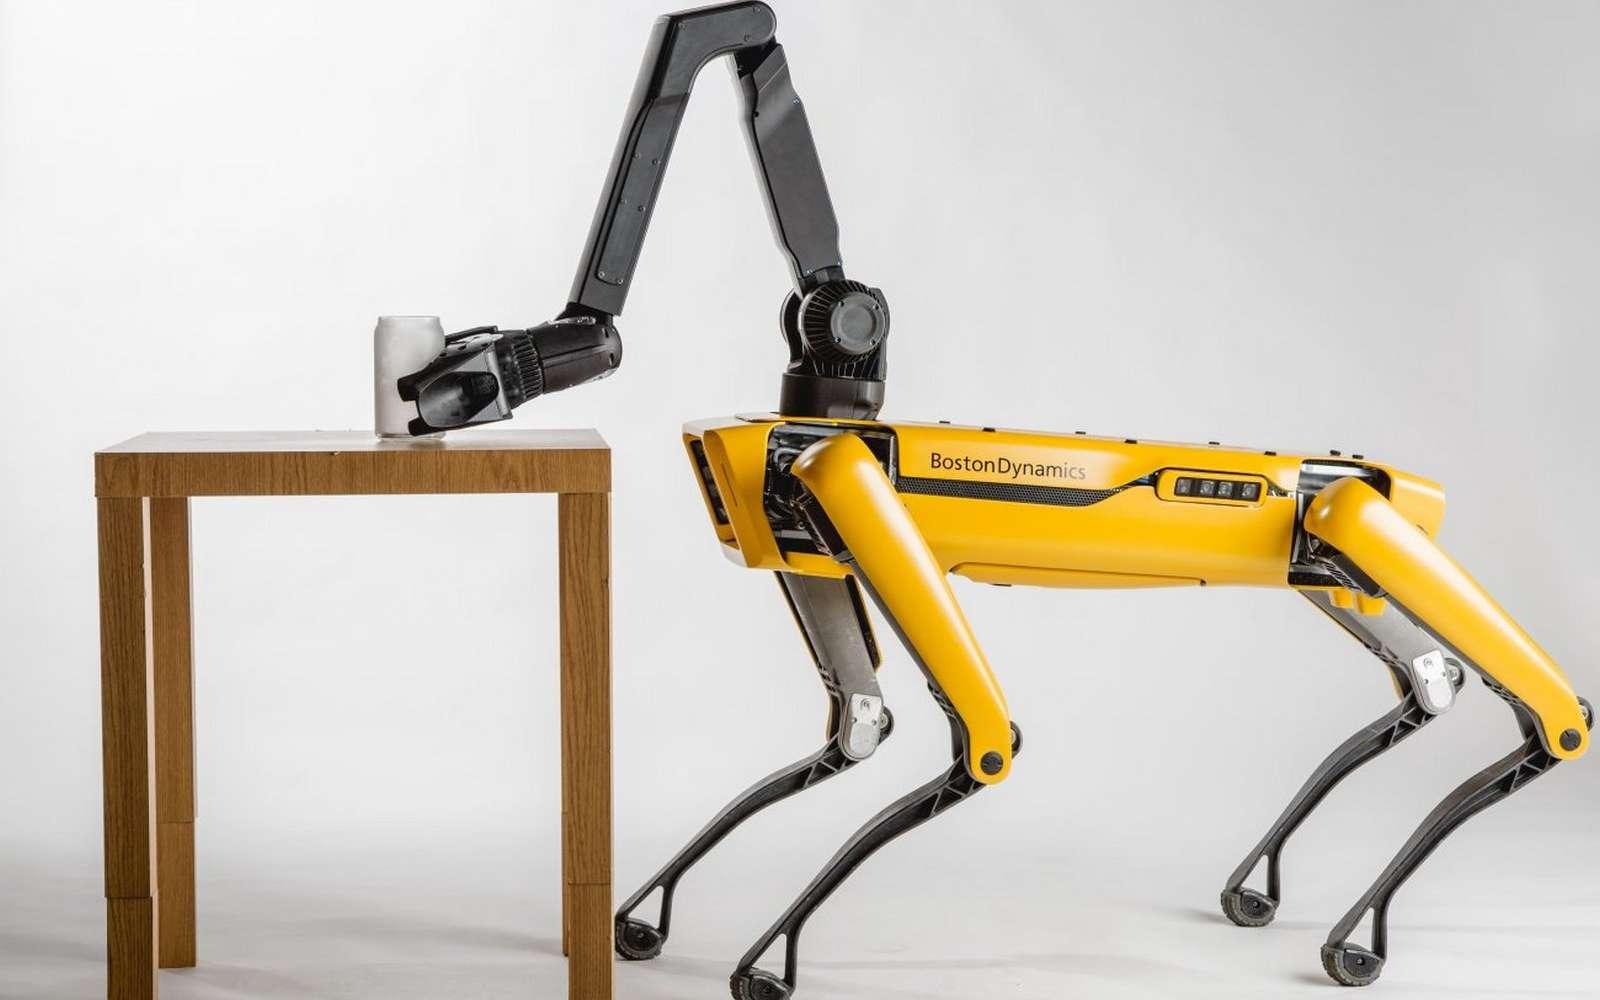 Jusqu'à présent, Boston Dynamics planchait sur des robots robustes et puissants, pensés pour transporter de lourdes charges et évoluer sur n'importe quel type de terrain. SpotMini, lui, est un robot chien davantage tourné vers l'agilité et la précision. © Boston Dynamics